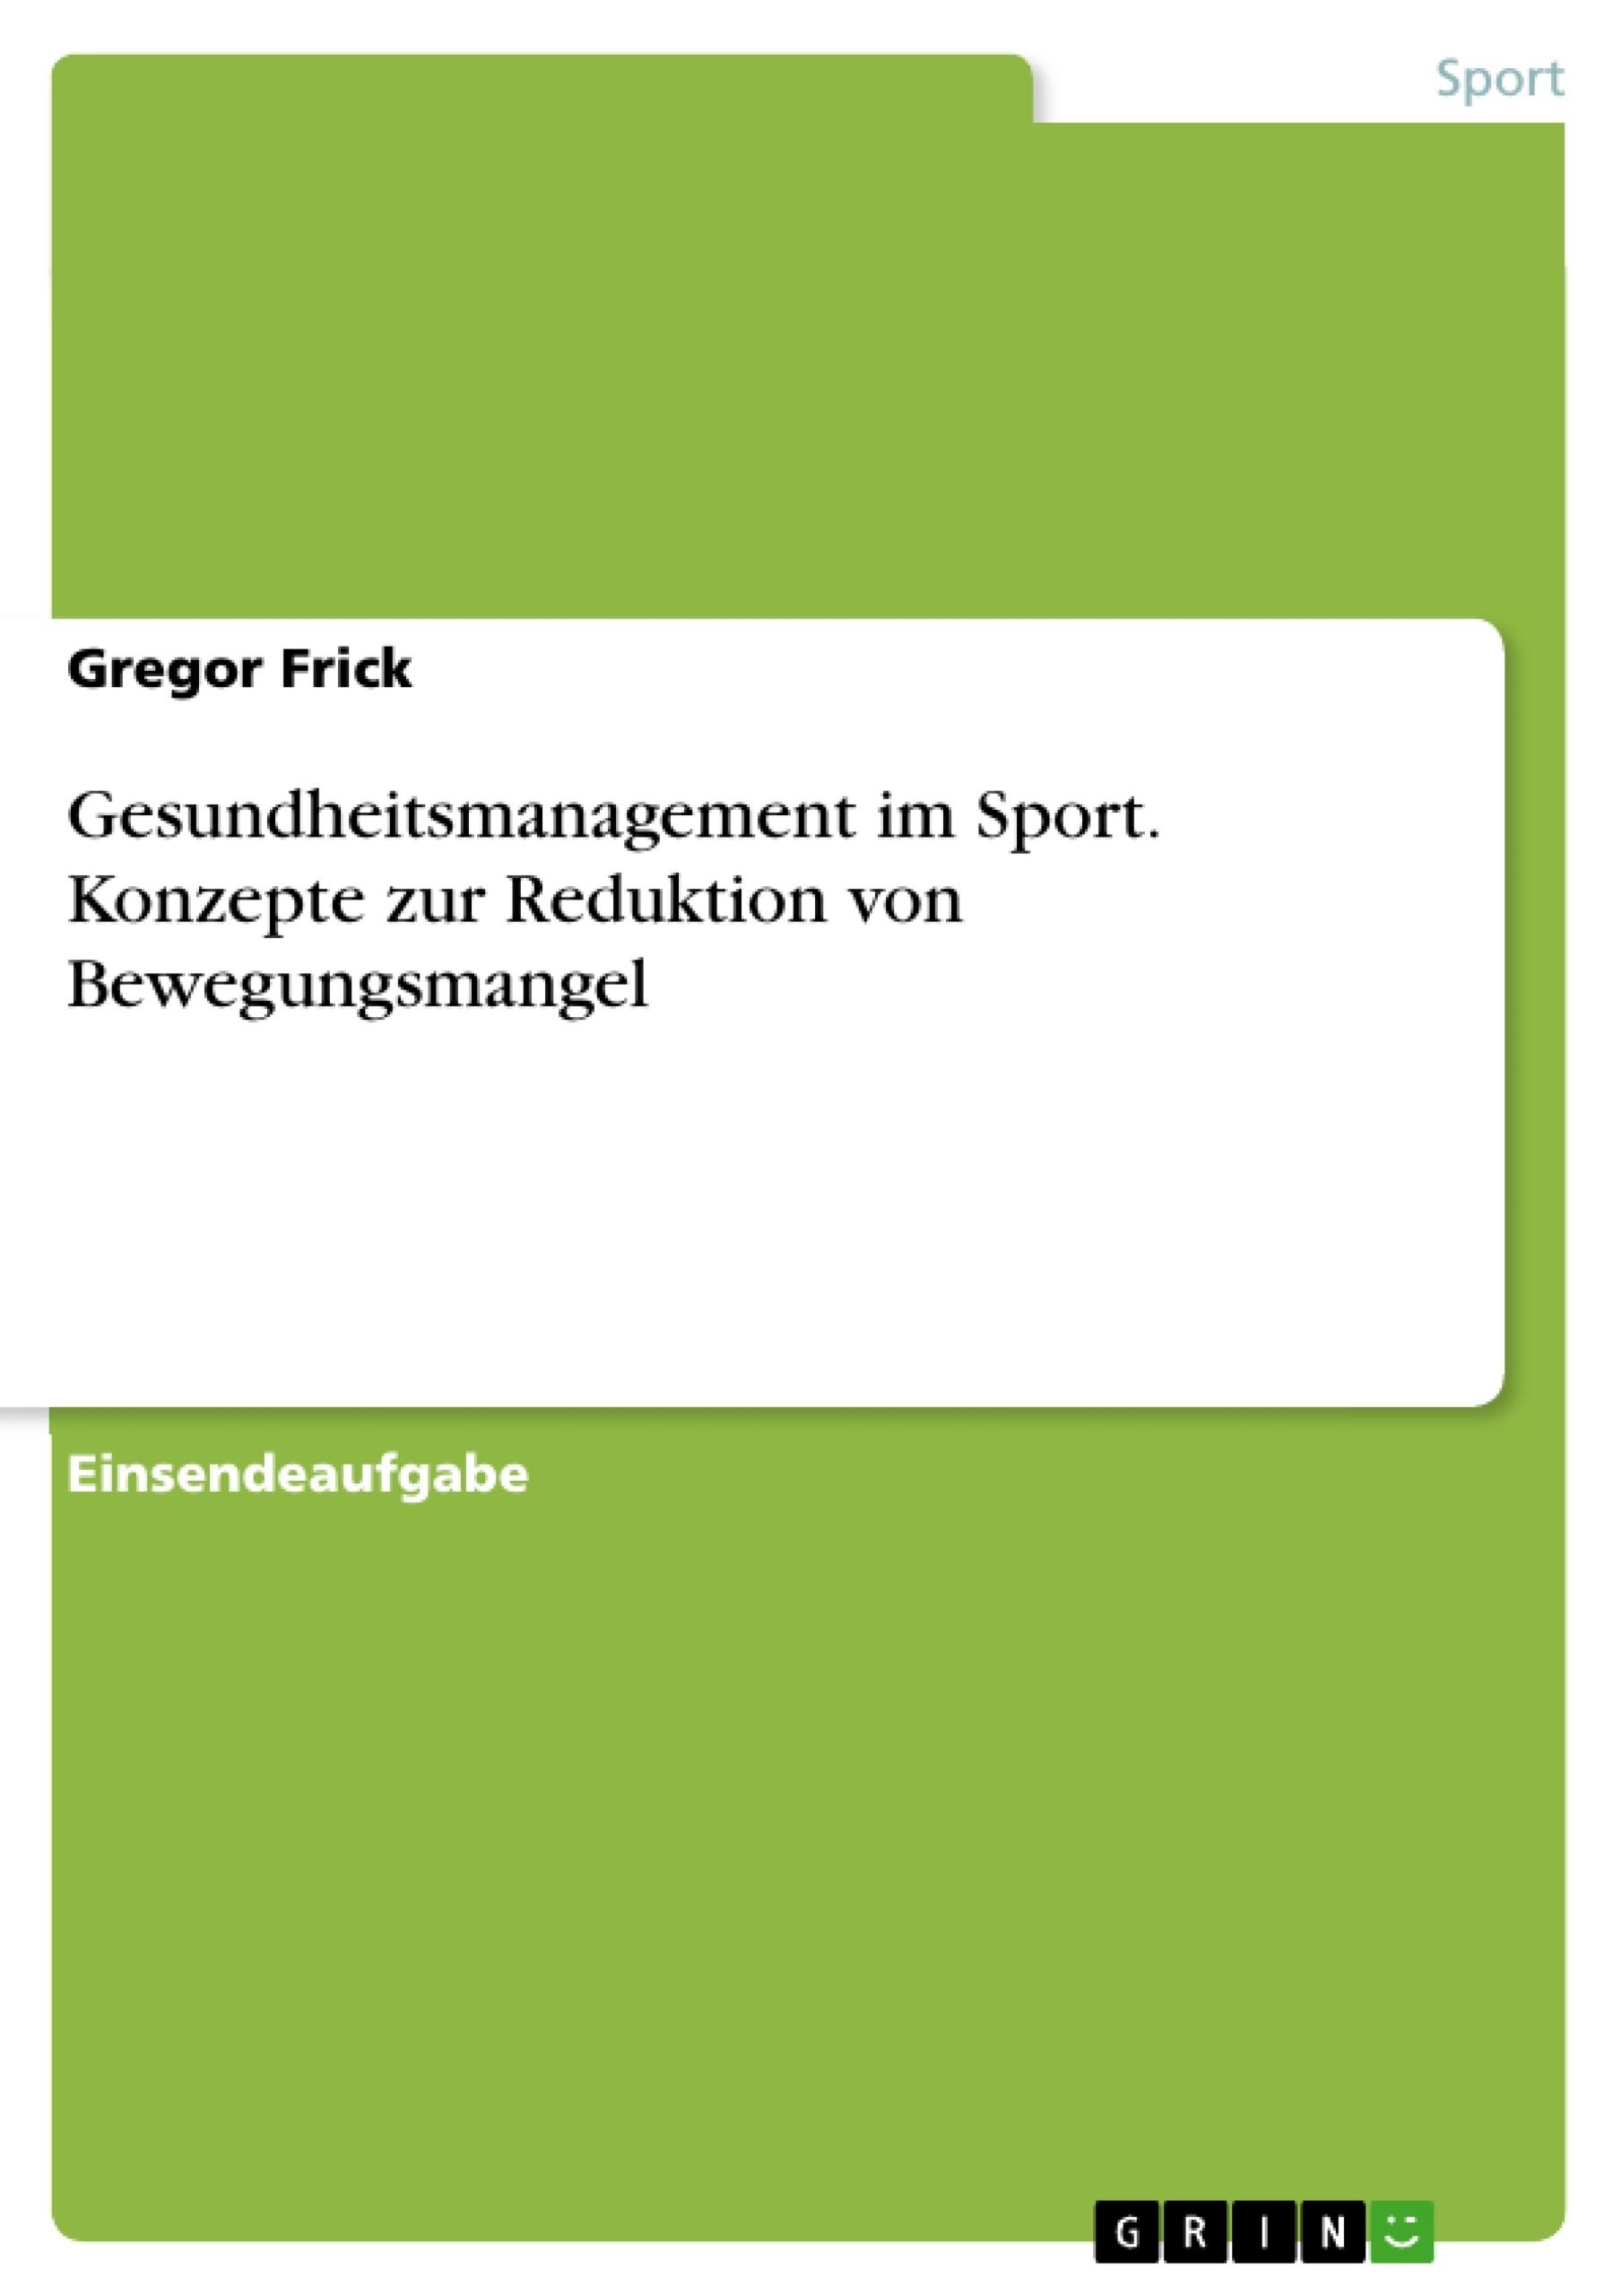 Titel: Gesundheitsmanagement im Sport. Konzepte zur Reduktion von Bewegungsmangel